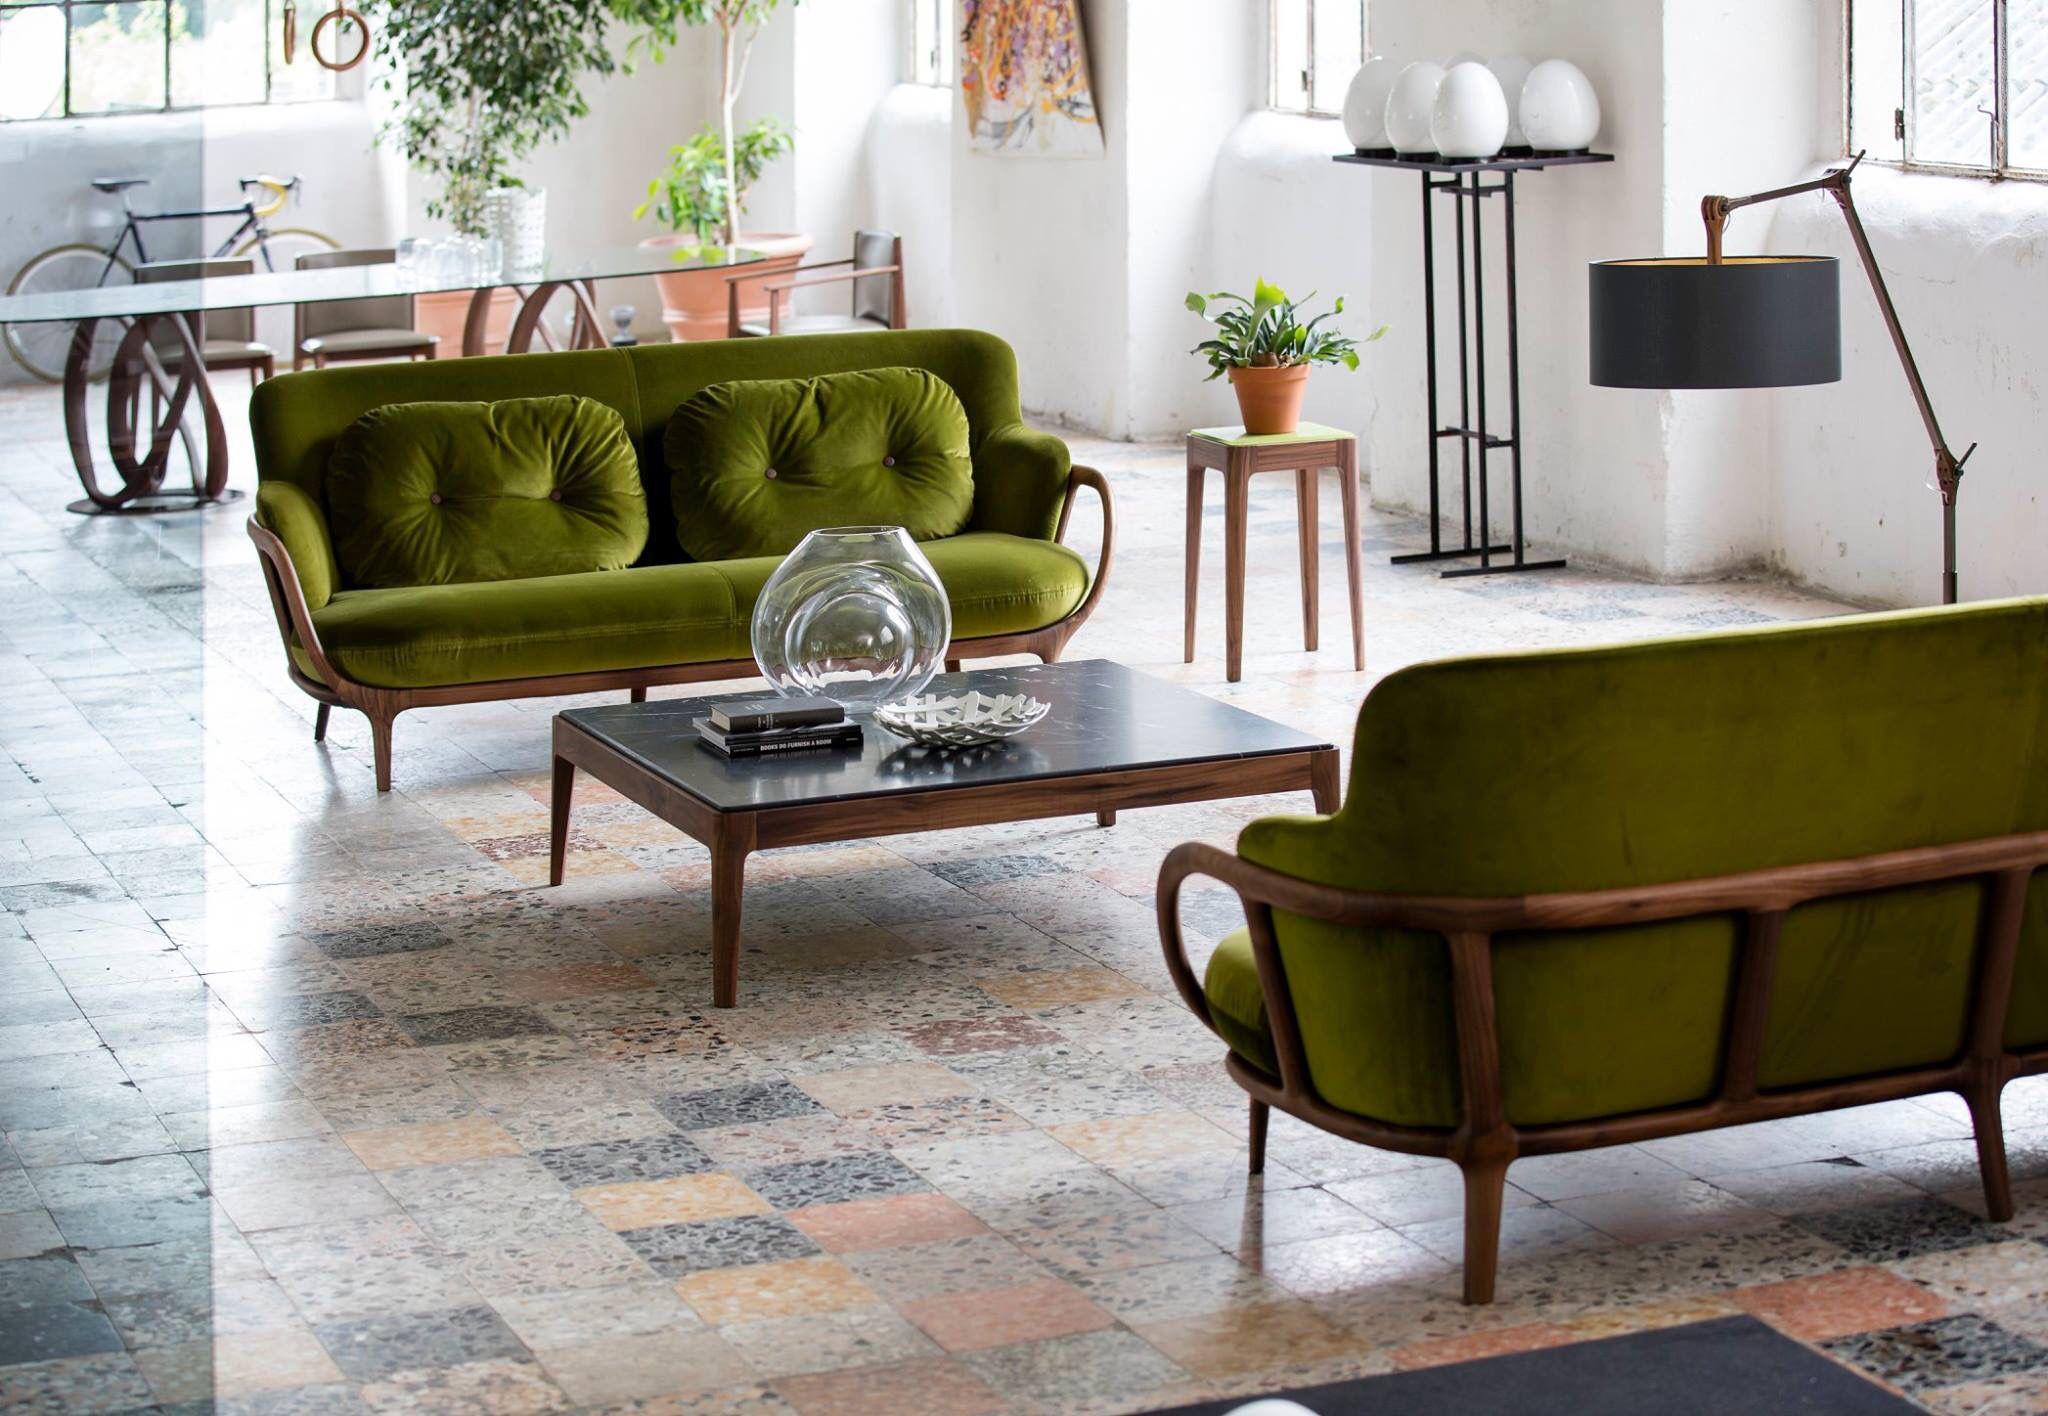 Mobili Porada ~ Allison sofas and ziggy coffee table by porada porada ︱ 築硯